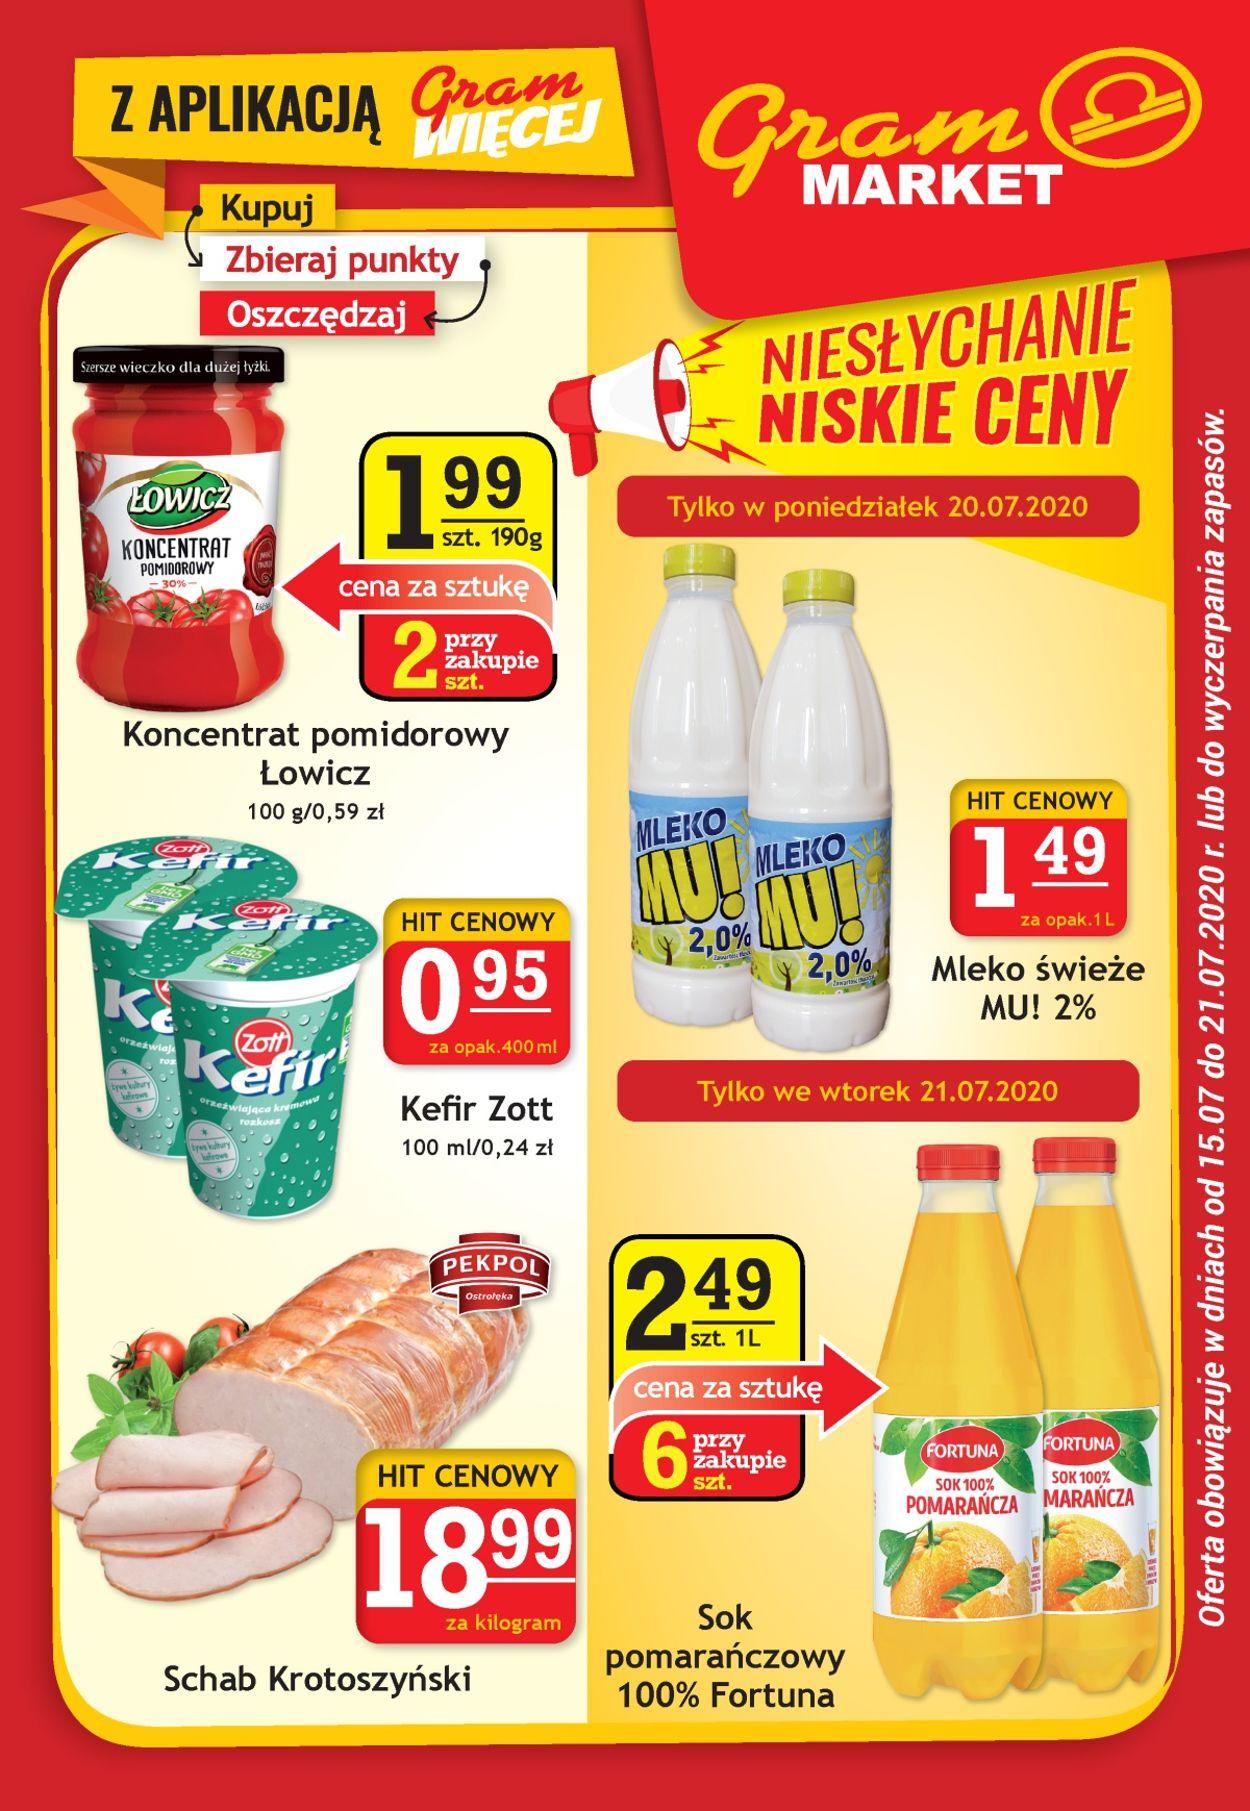 Gazetka promocyjna Gram Market - 15.07-21.07.2020